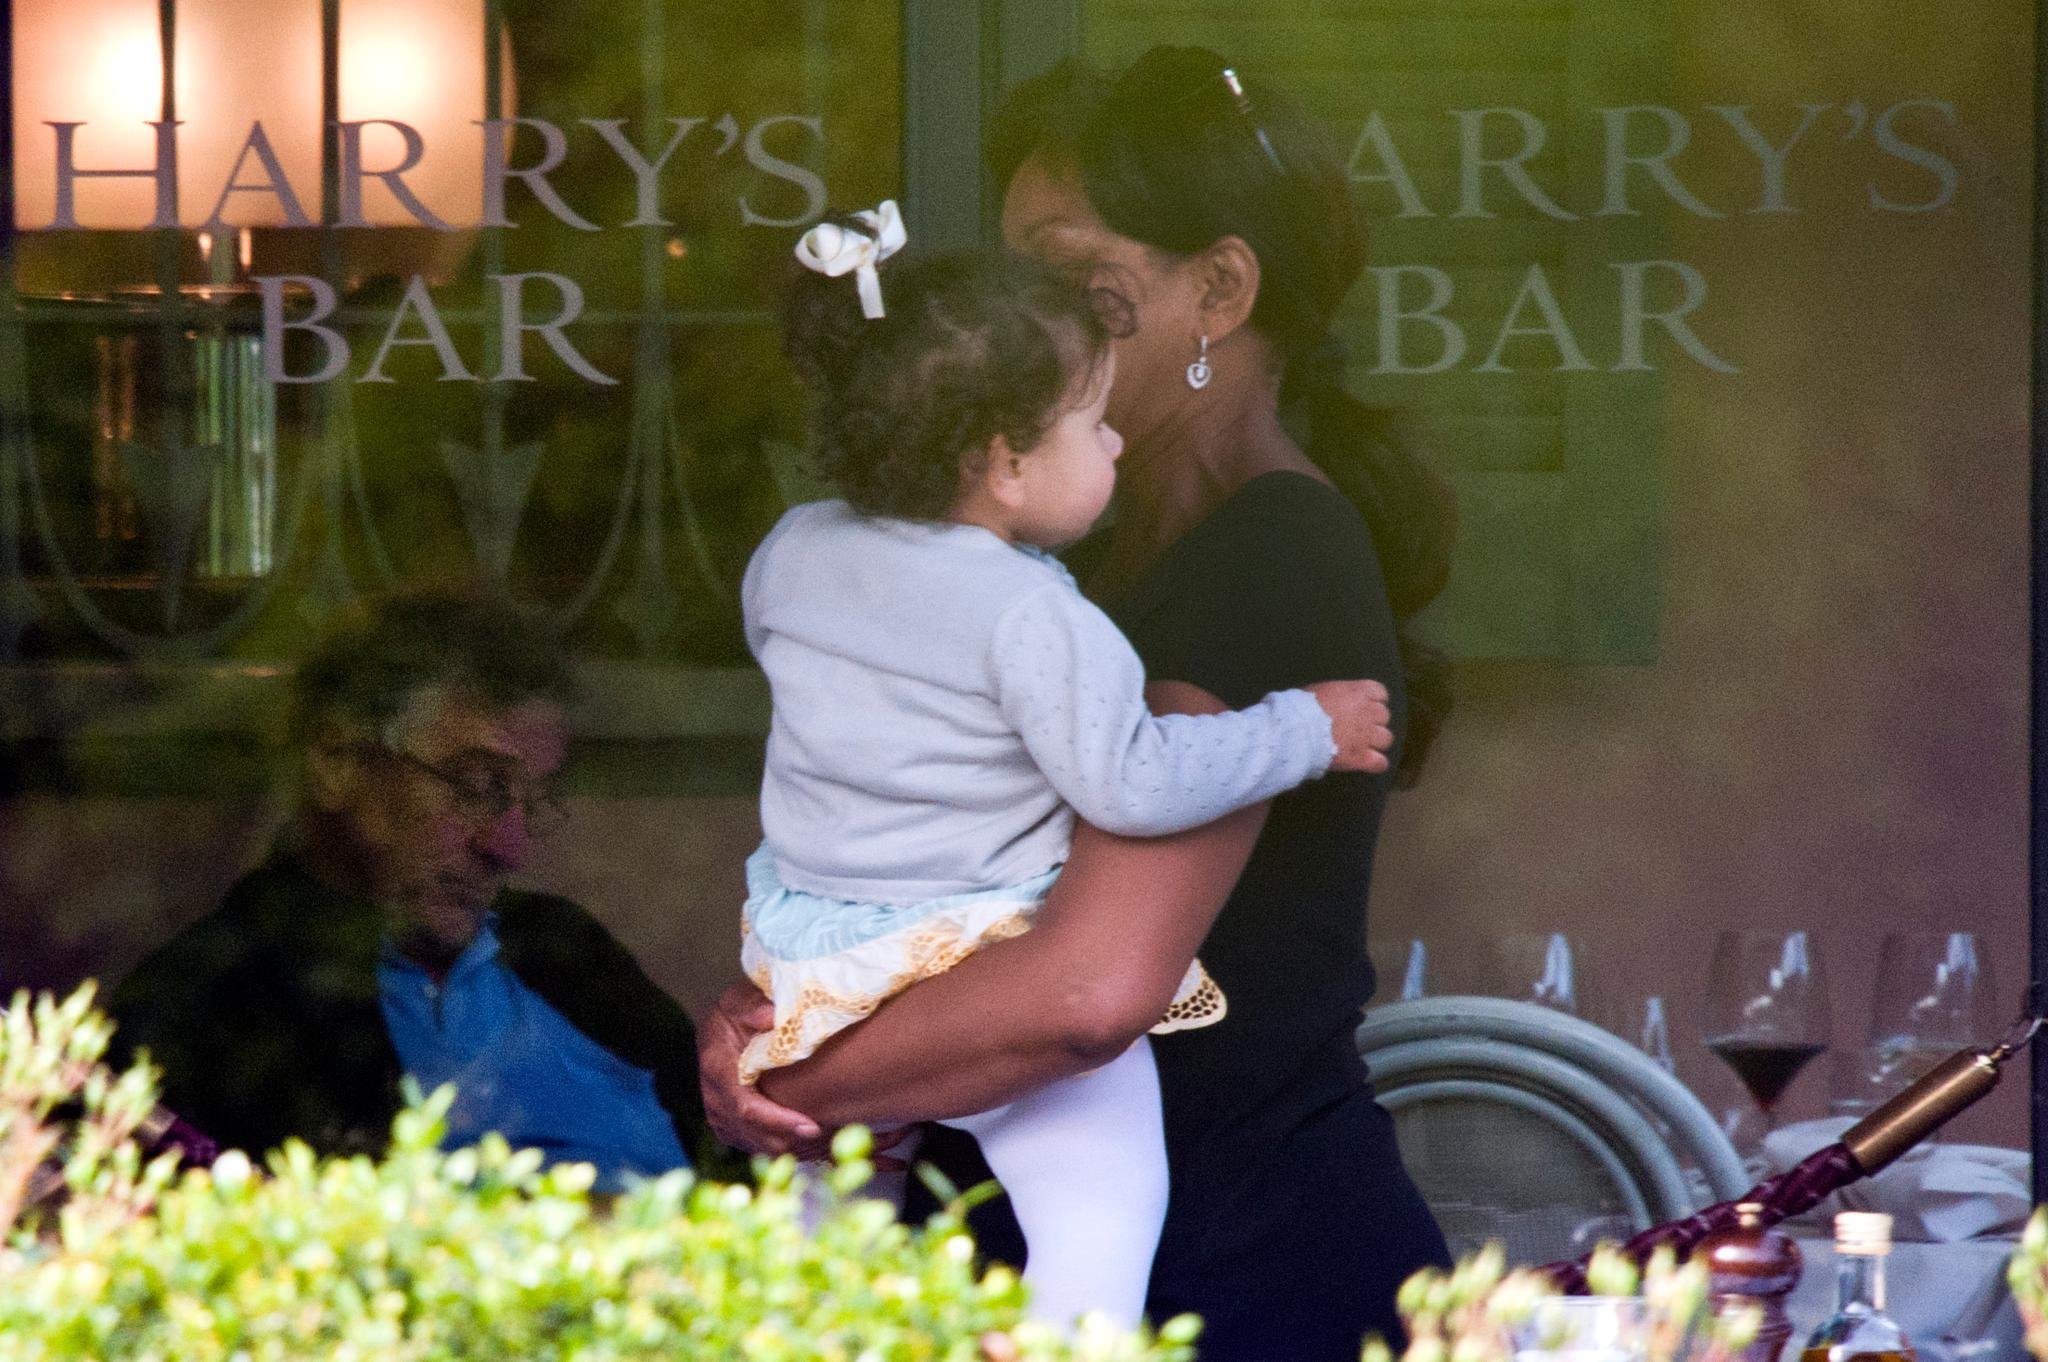 """Während Robert de Niro noch in """"Harrys Bar"""" entspannt, trägt seine Frau Grace Hightower die gemeinsame Tochter Helen Grace auf dem Arm."""